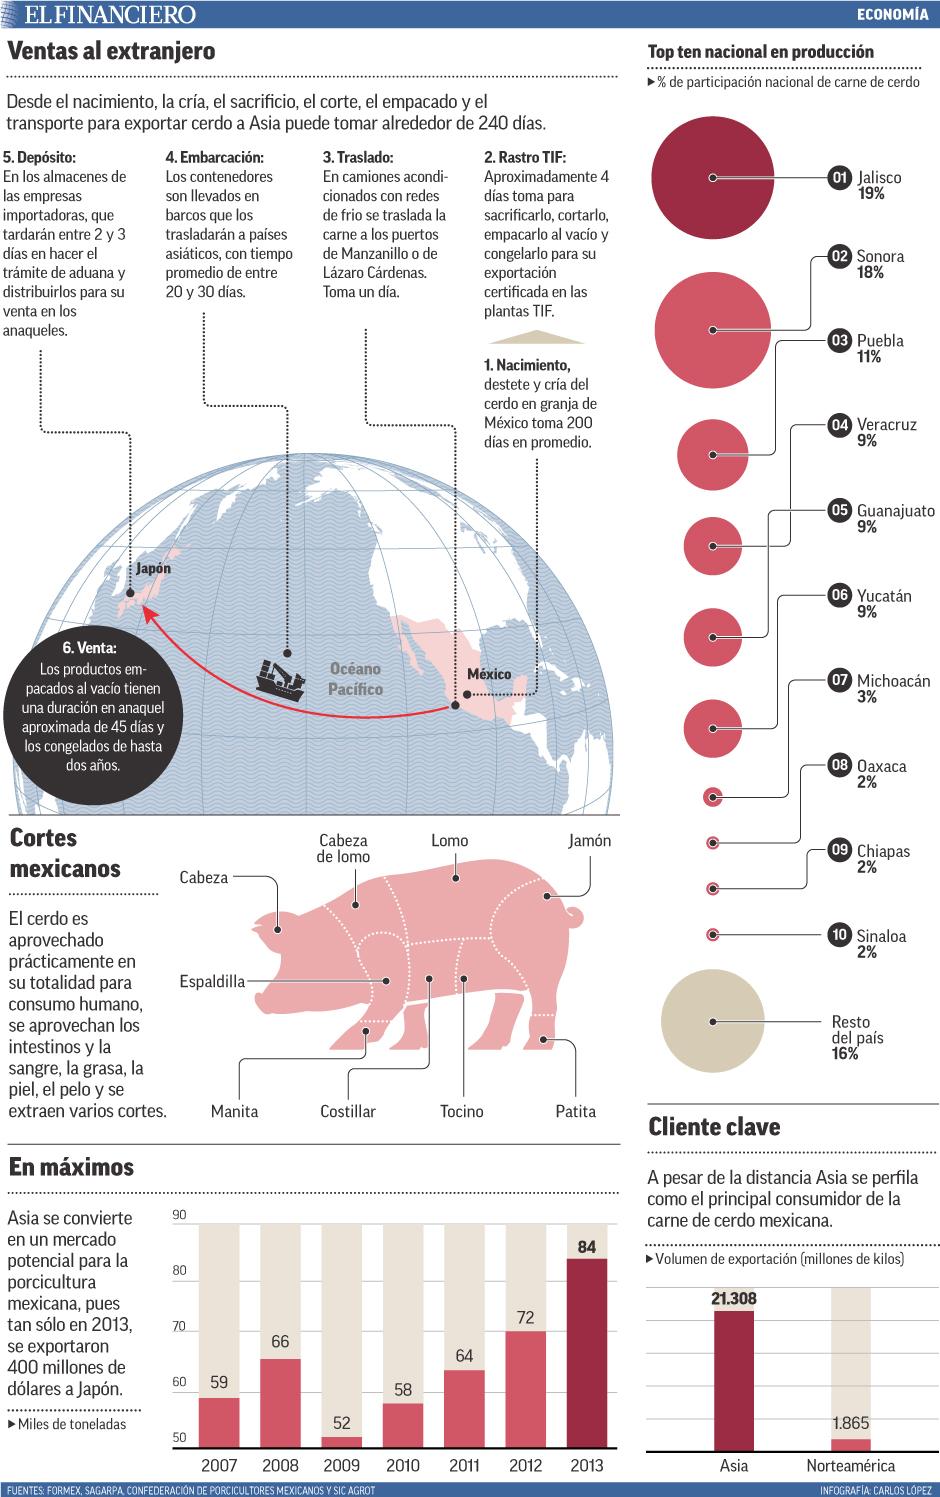 Desde el nacimiento, la cría, el sacrificio, el corte, el empacado y el transporte para exportar cerdo a Asia puede tomar alrededor de 240 días.